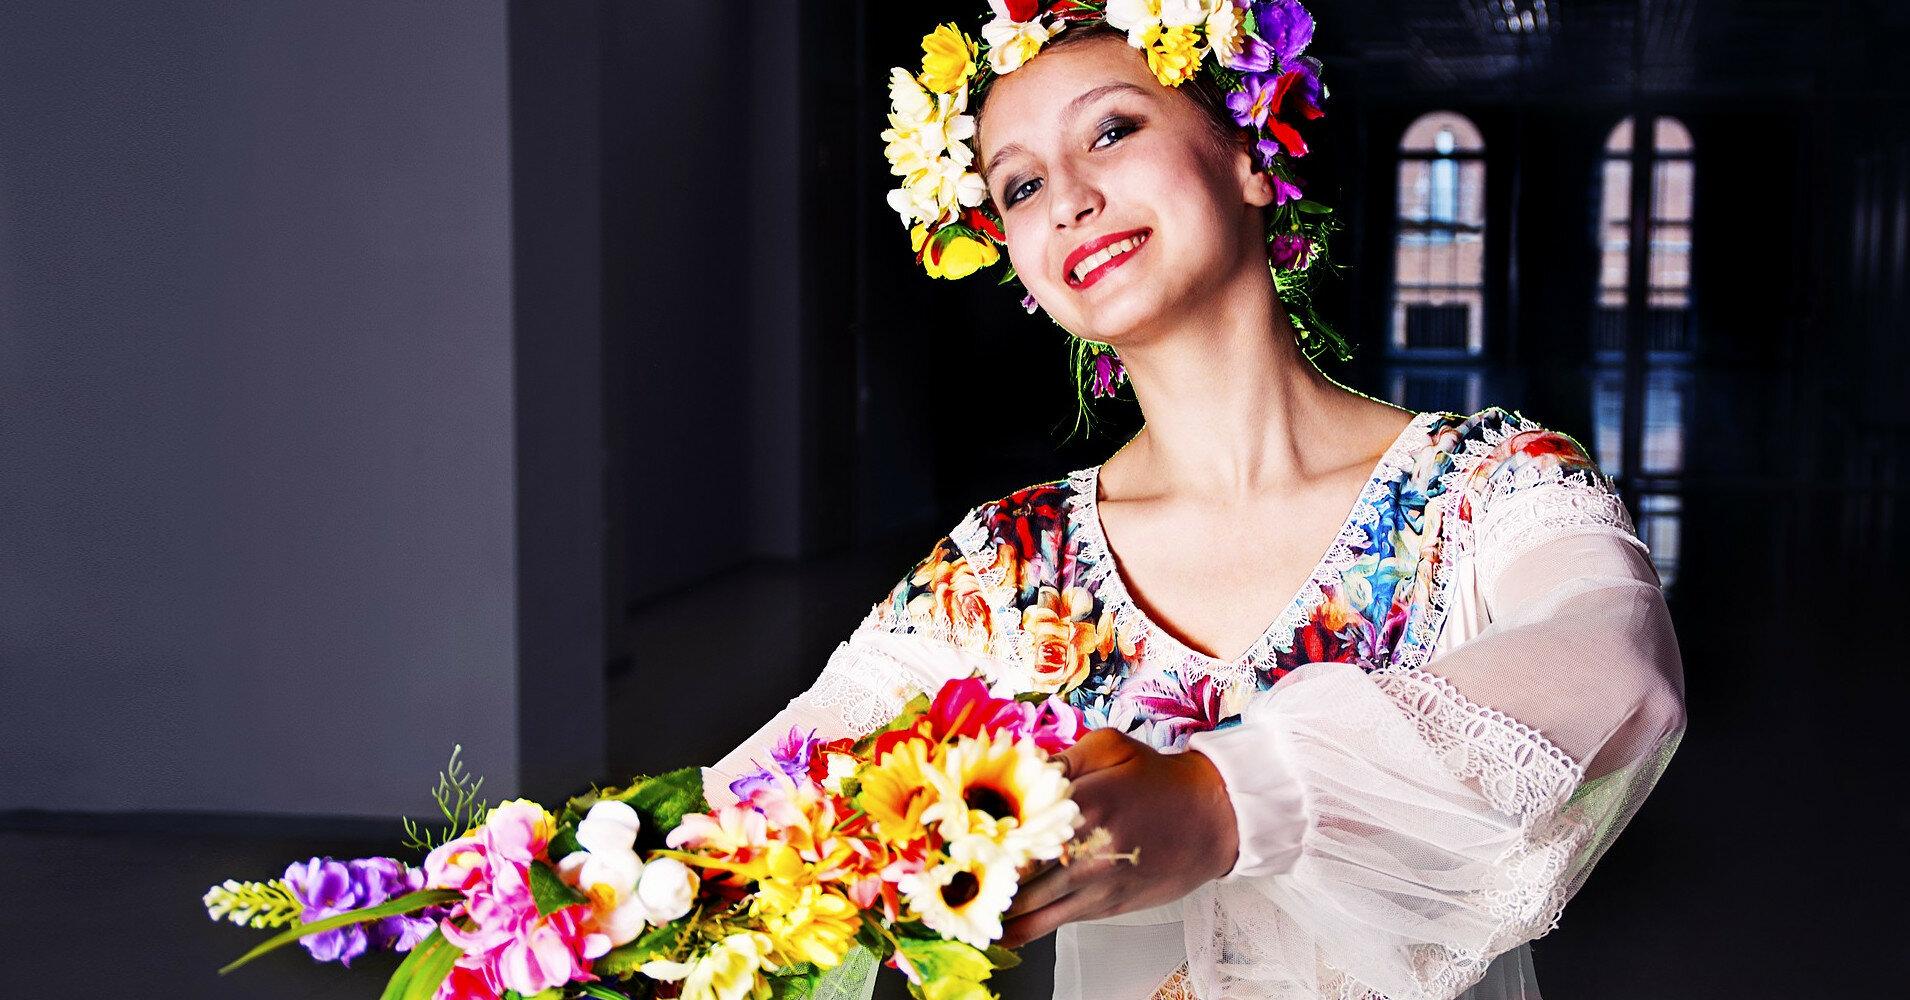 Ивана Купала 2021: какого числа, история и традиции празднования